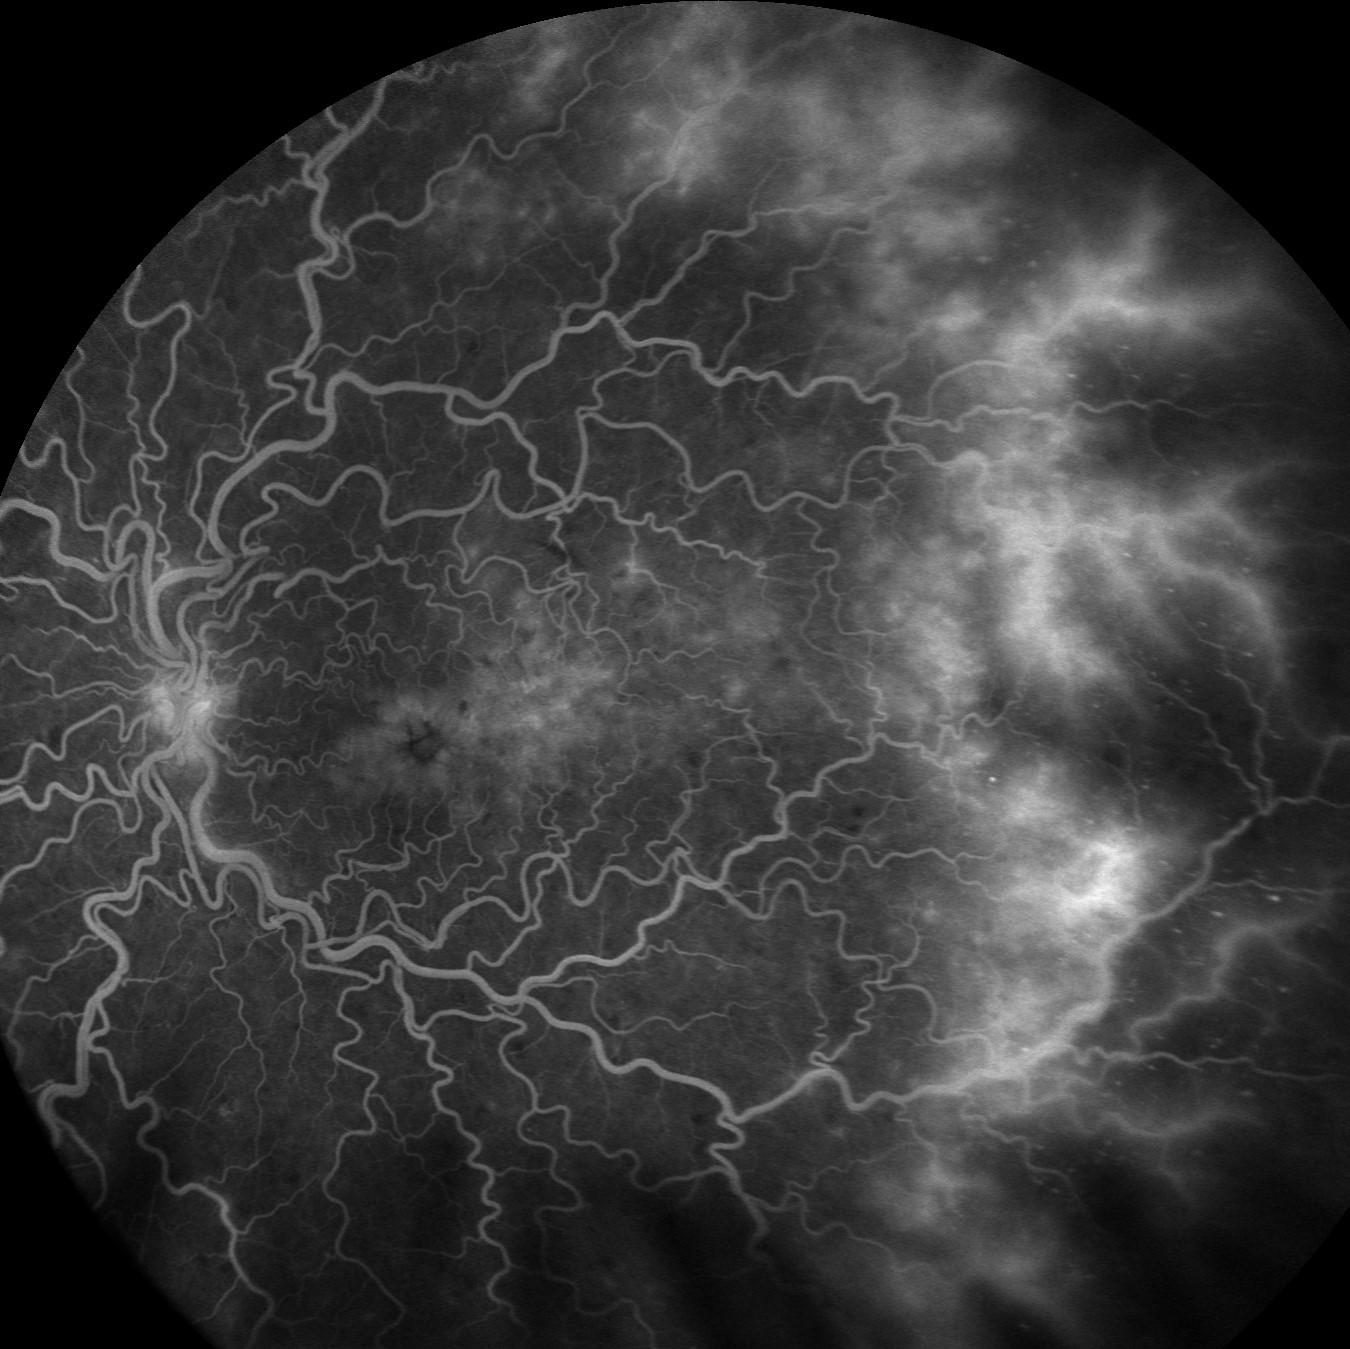 Durchblutungsstörung der Netzhaut Bild 2